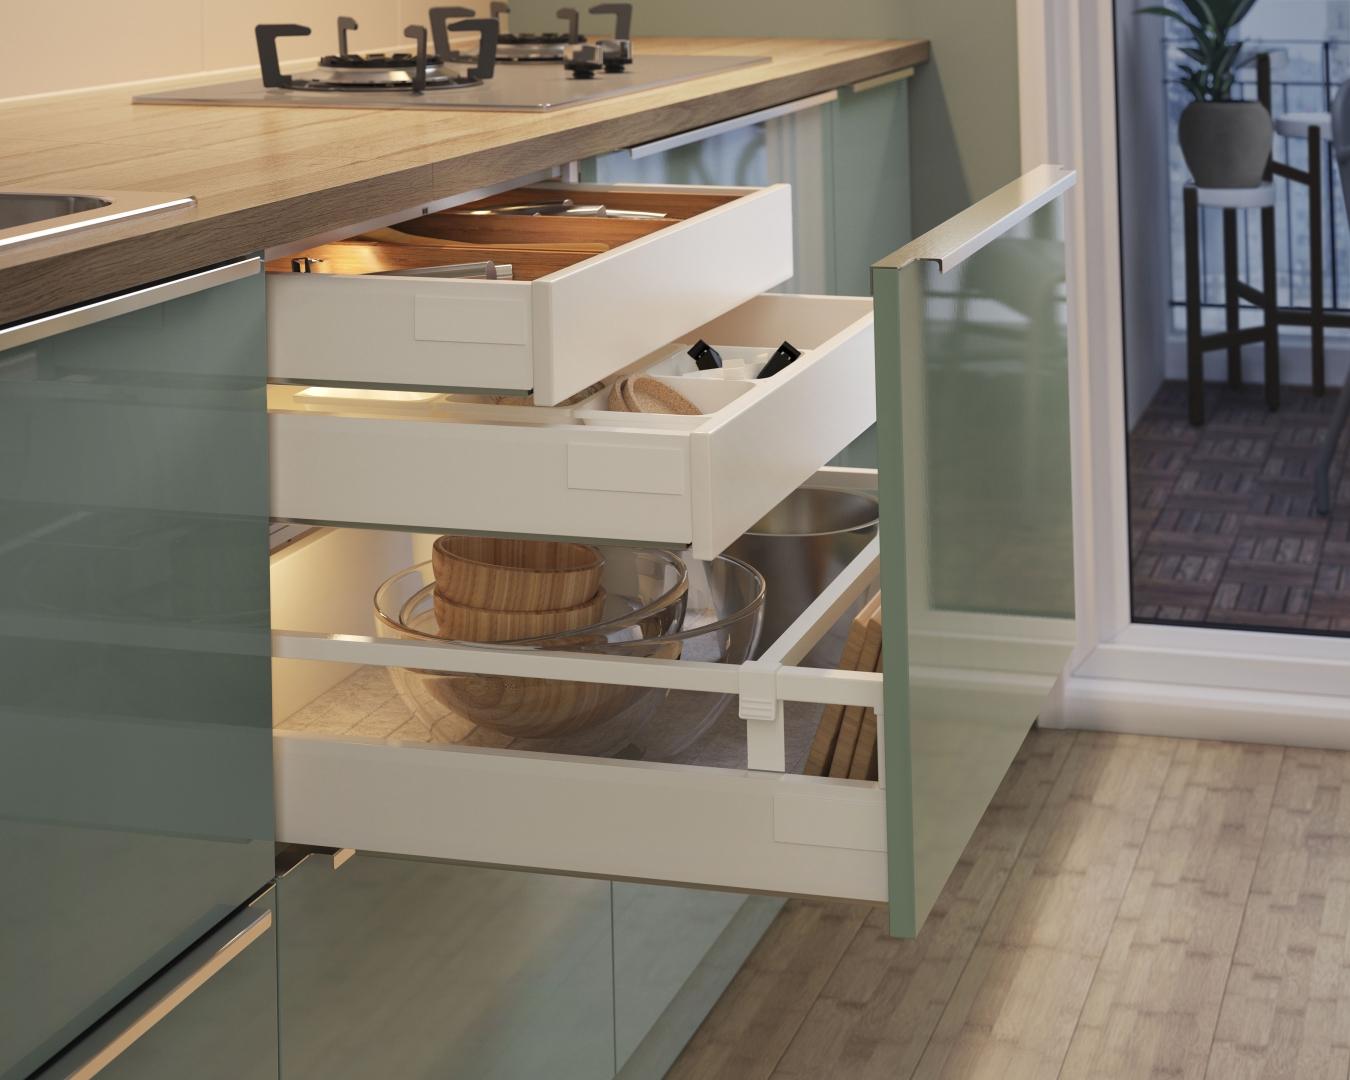 Cuisine ikea kallarp avec des id es int ressantes pour la conception de la chambre - Idee deco keuken ...